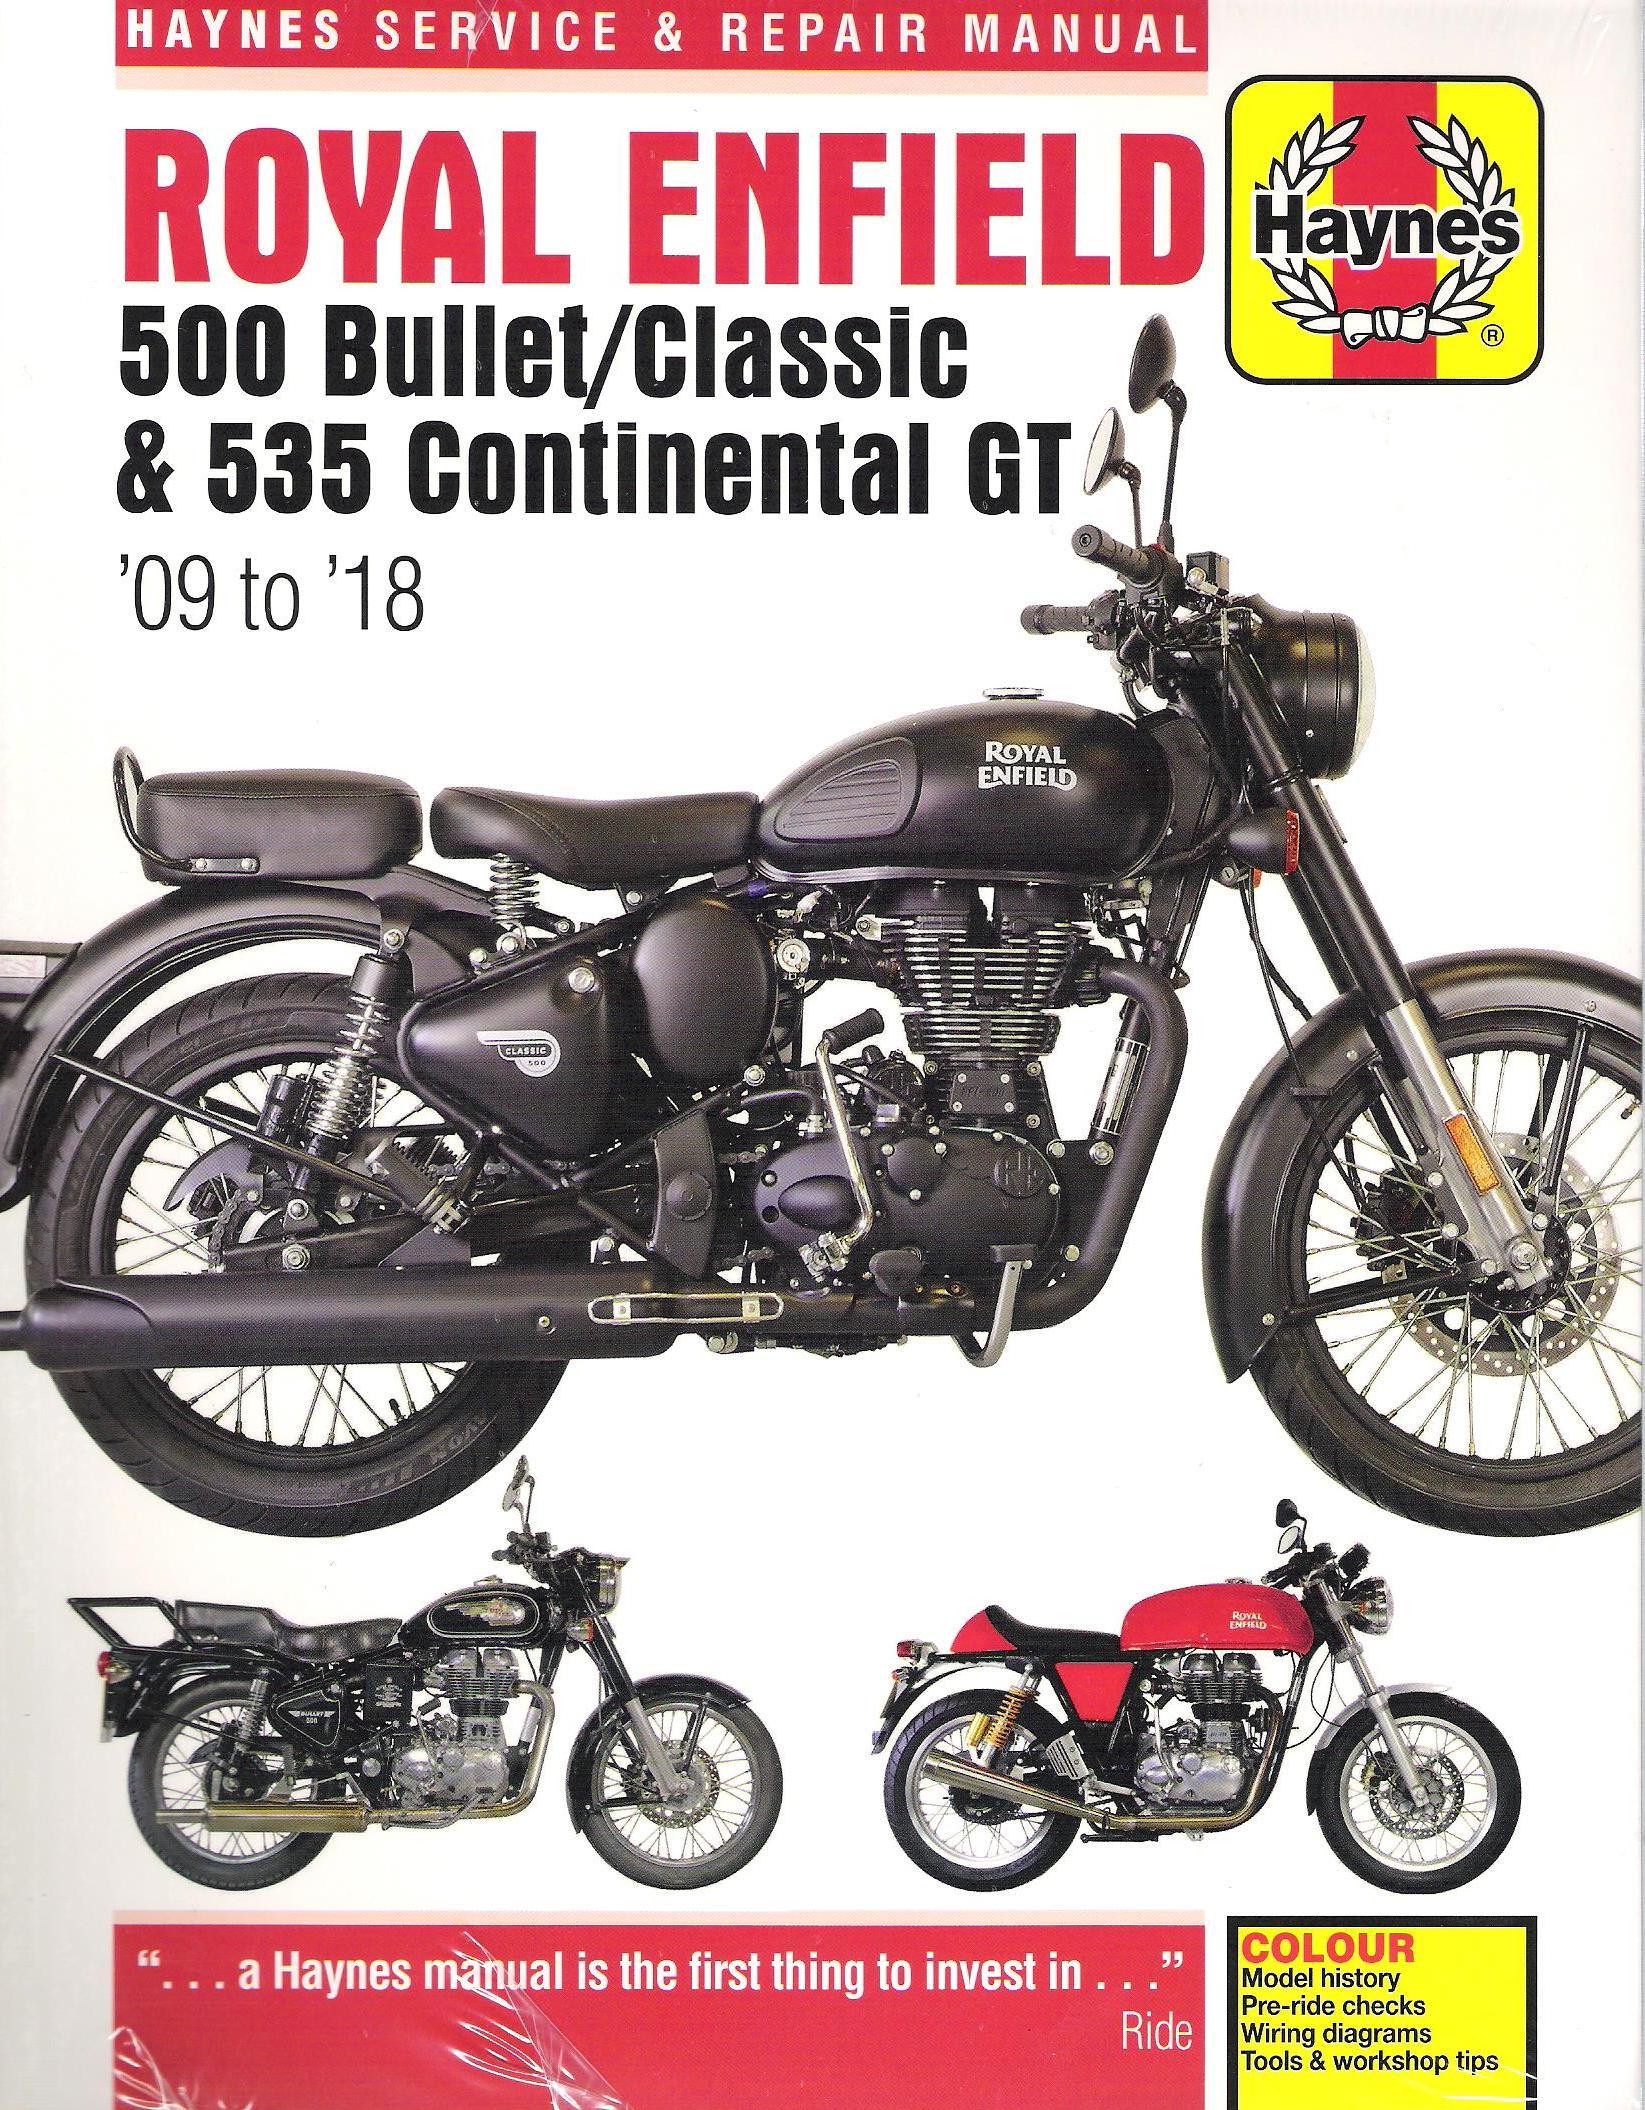 Clymer Motorcycle Repair Manual 260-3